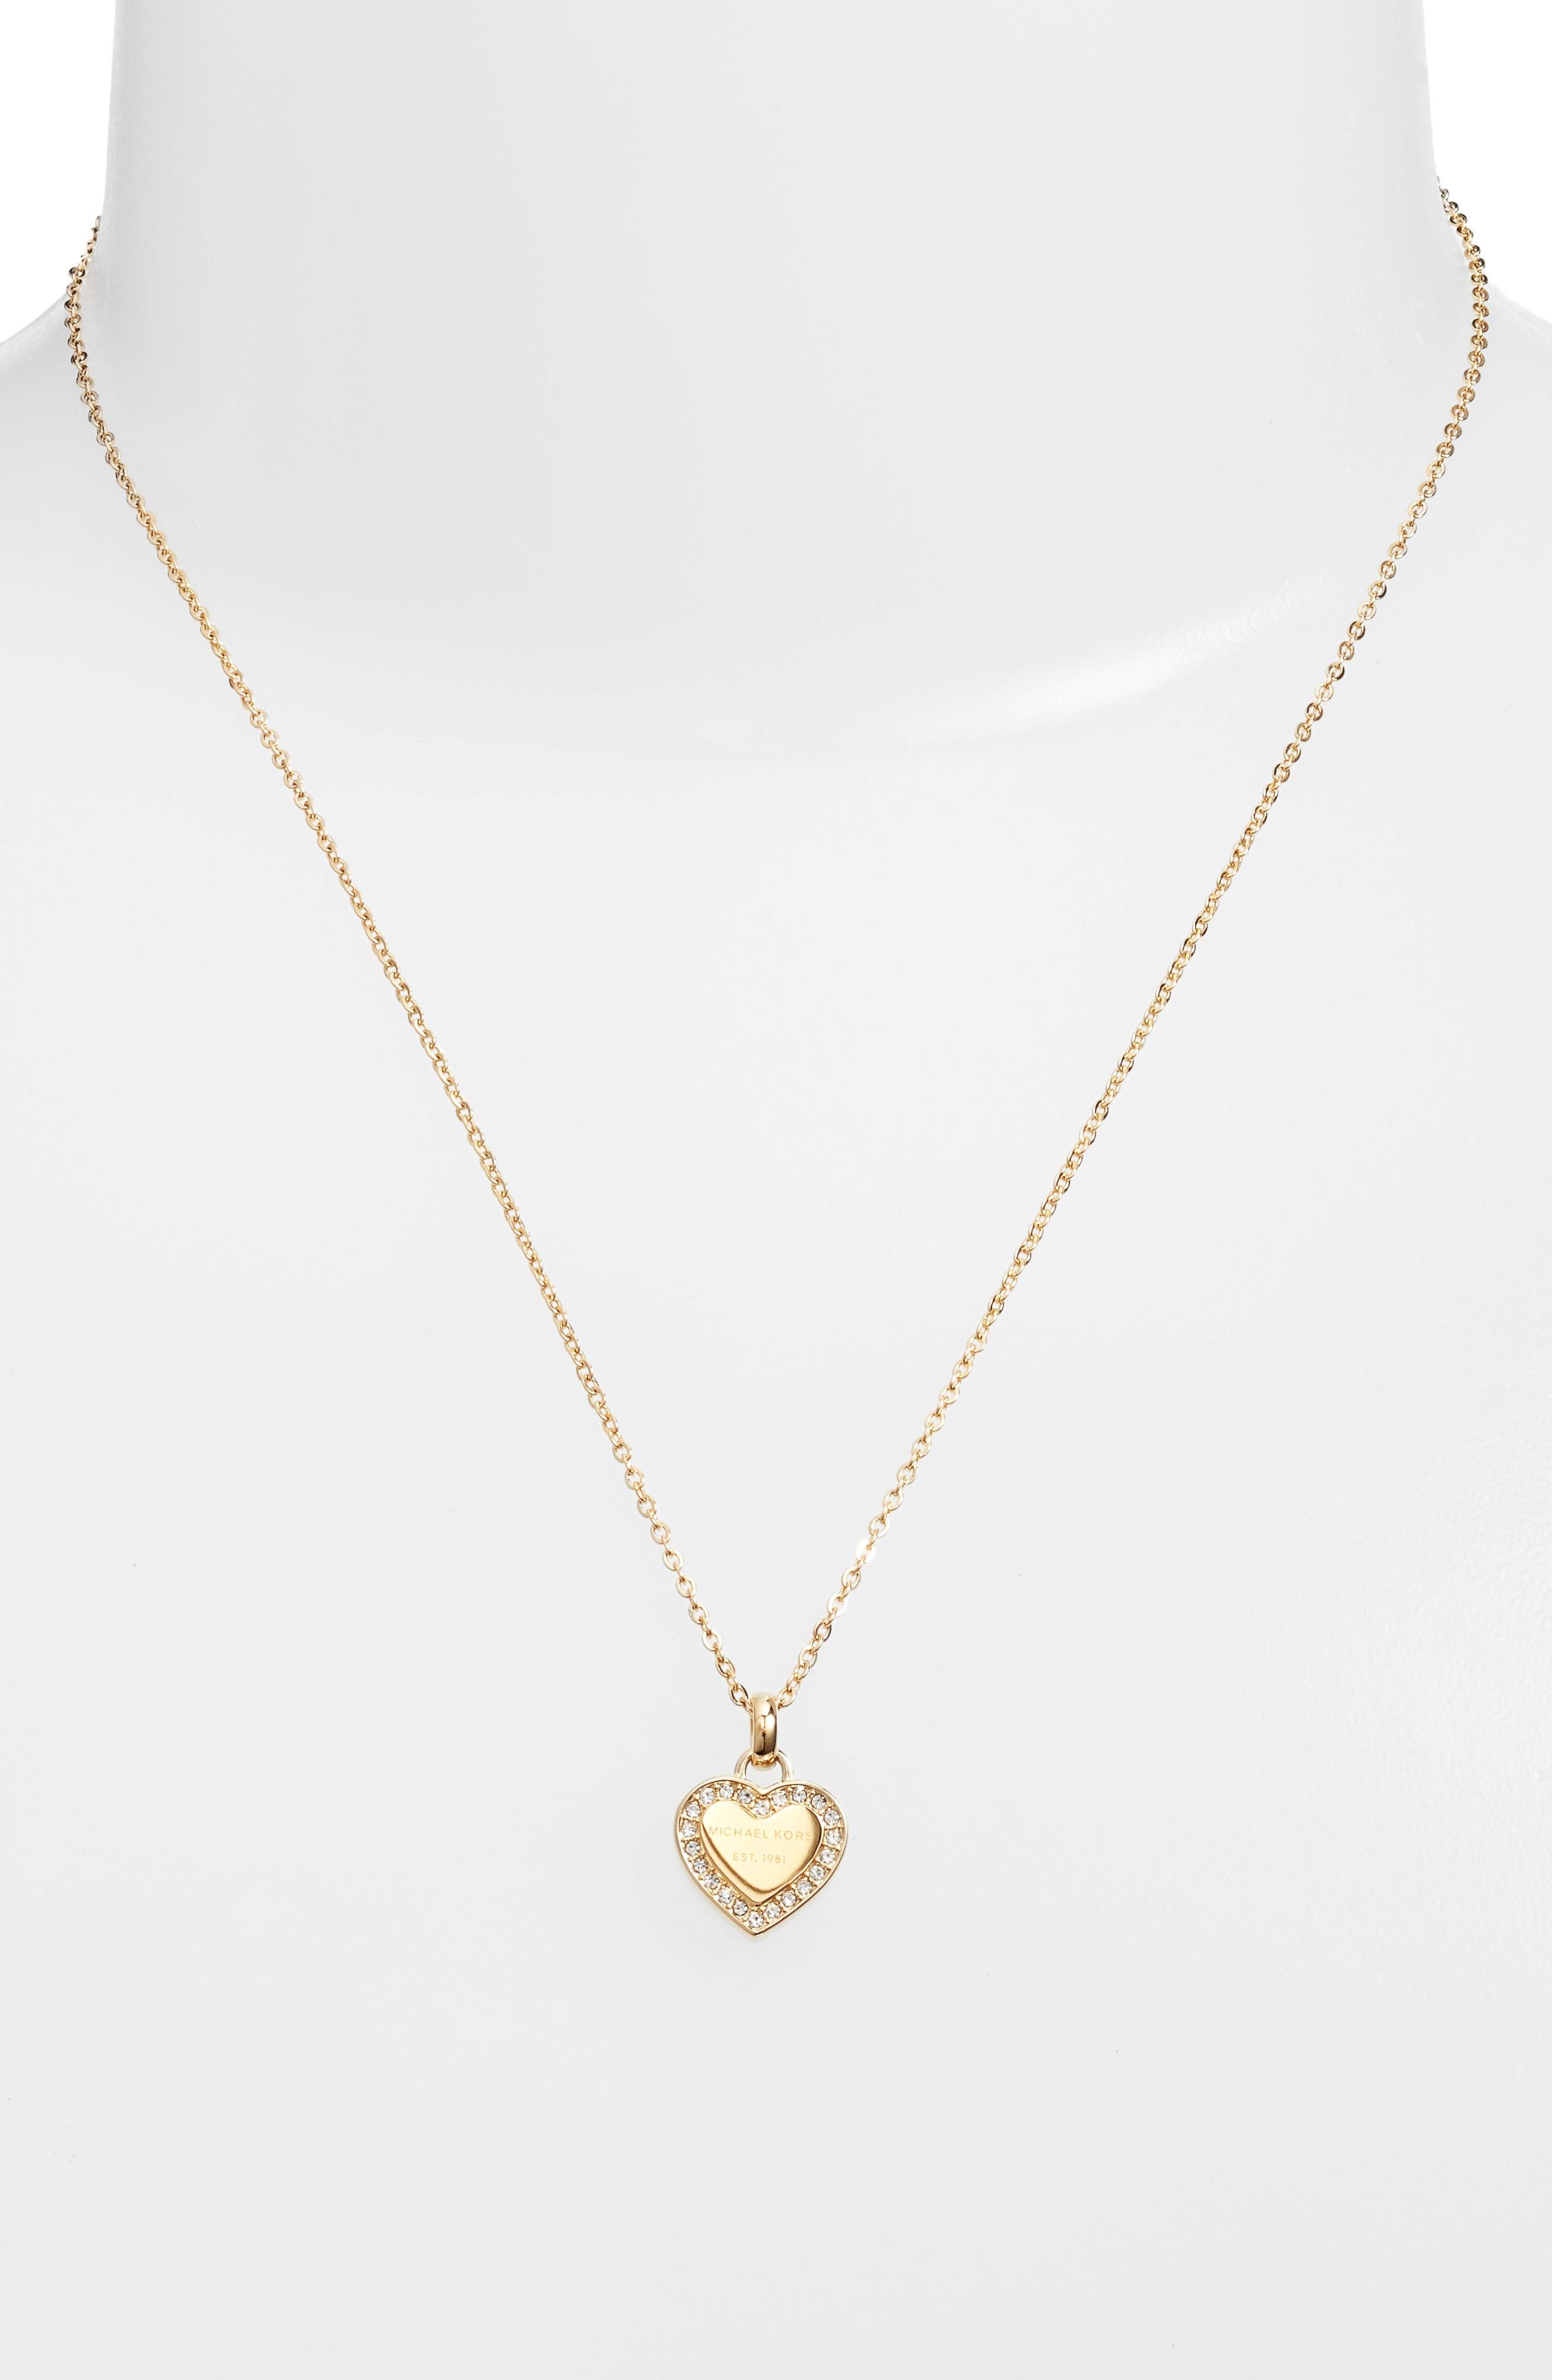 Michael Kors Heart Pendant Necklace